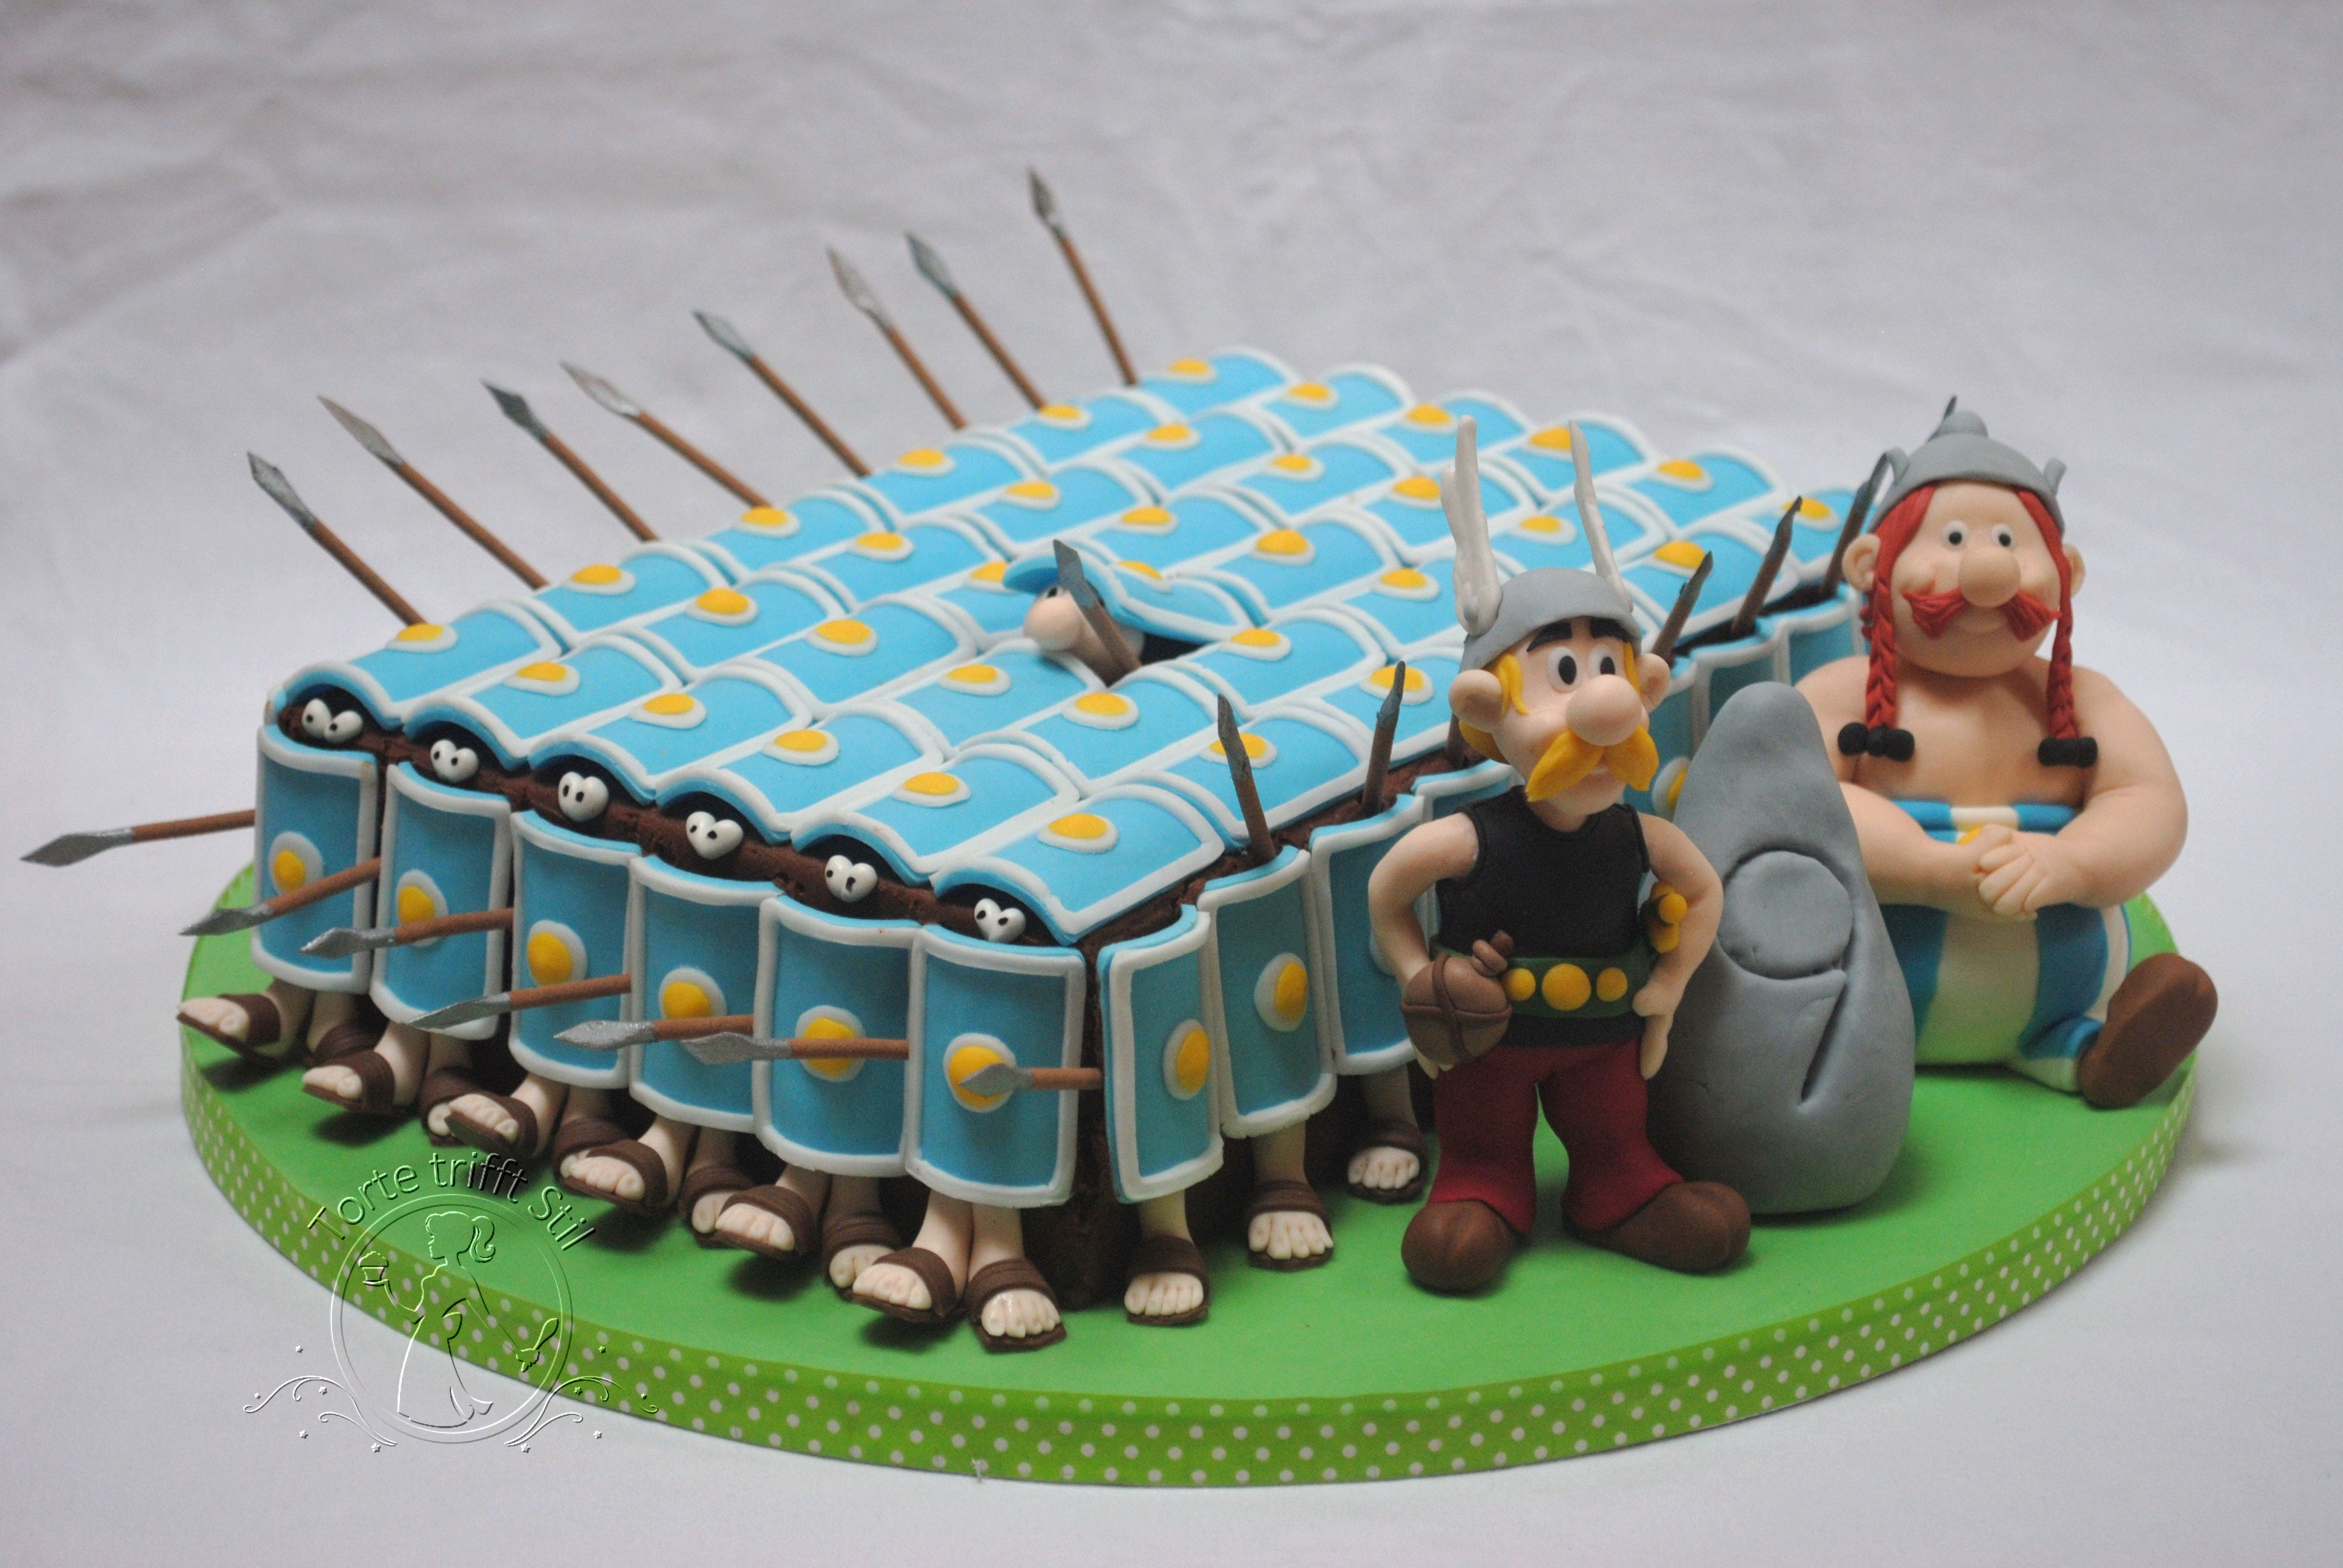 Asterix Und Obelix Themenbezogene Torten Kuchen Und Torten Kindertorte